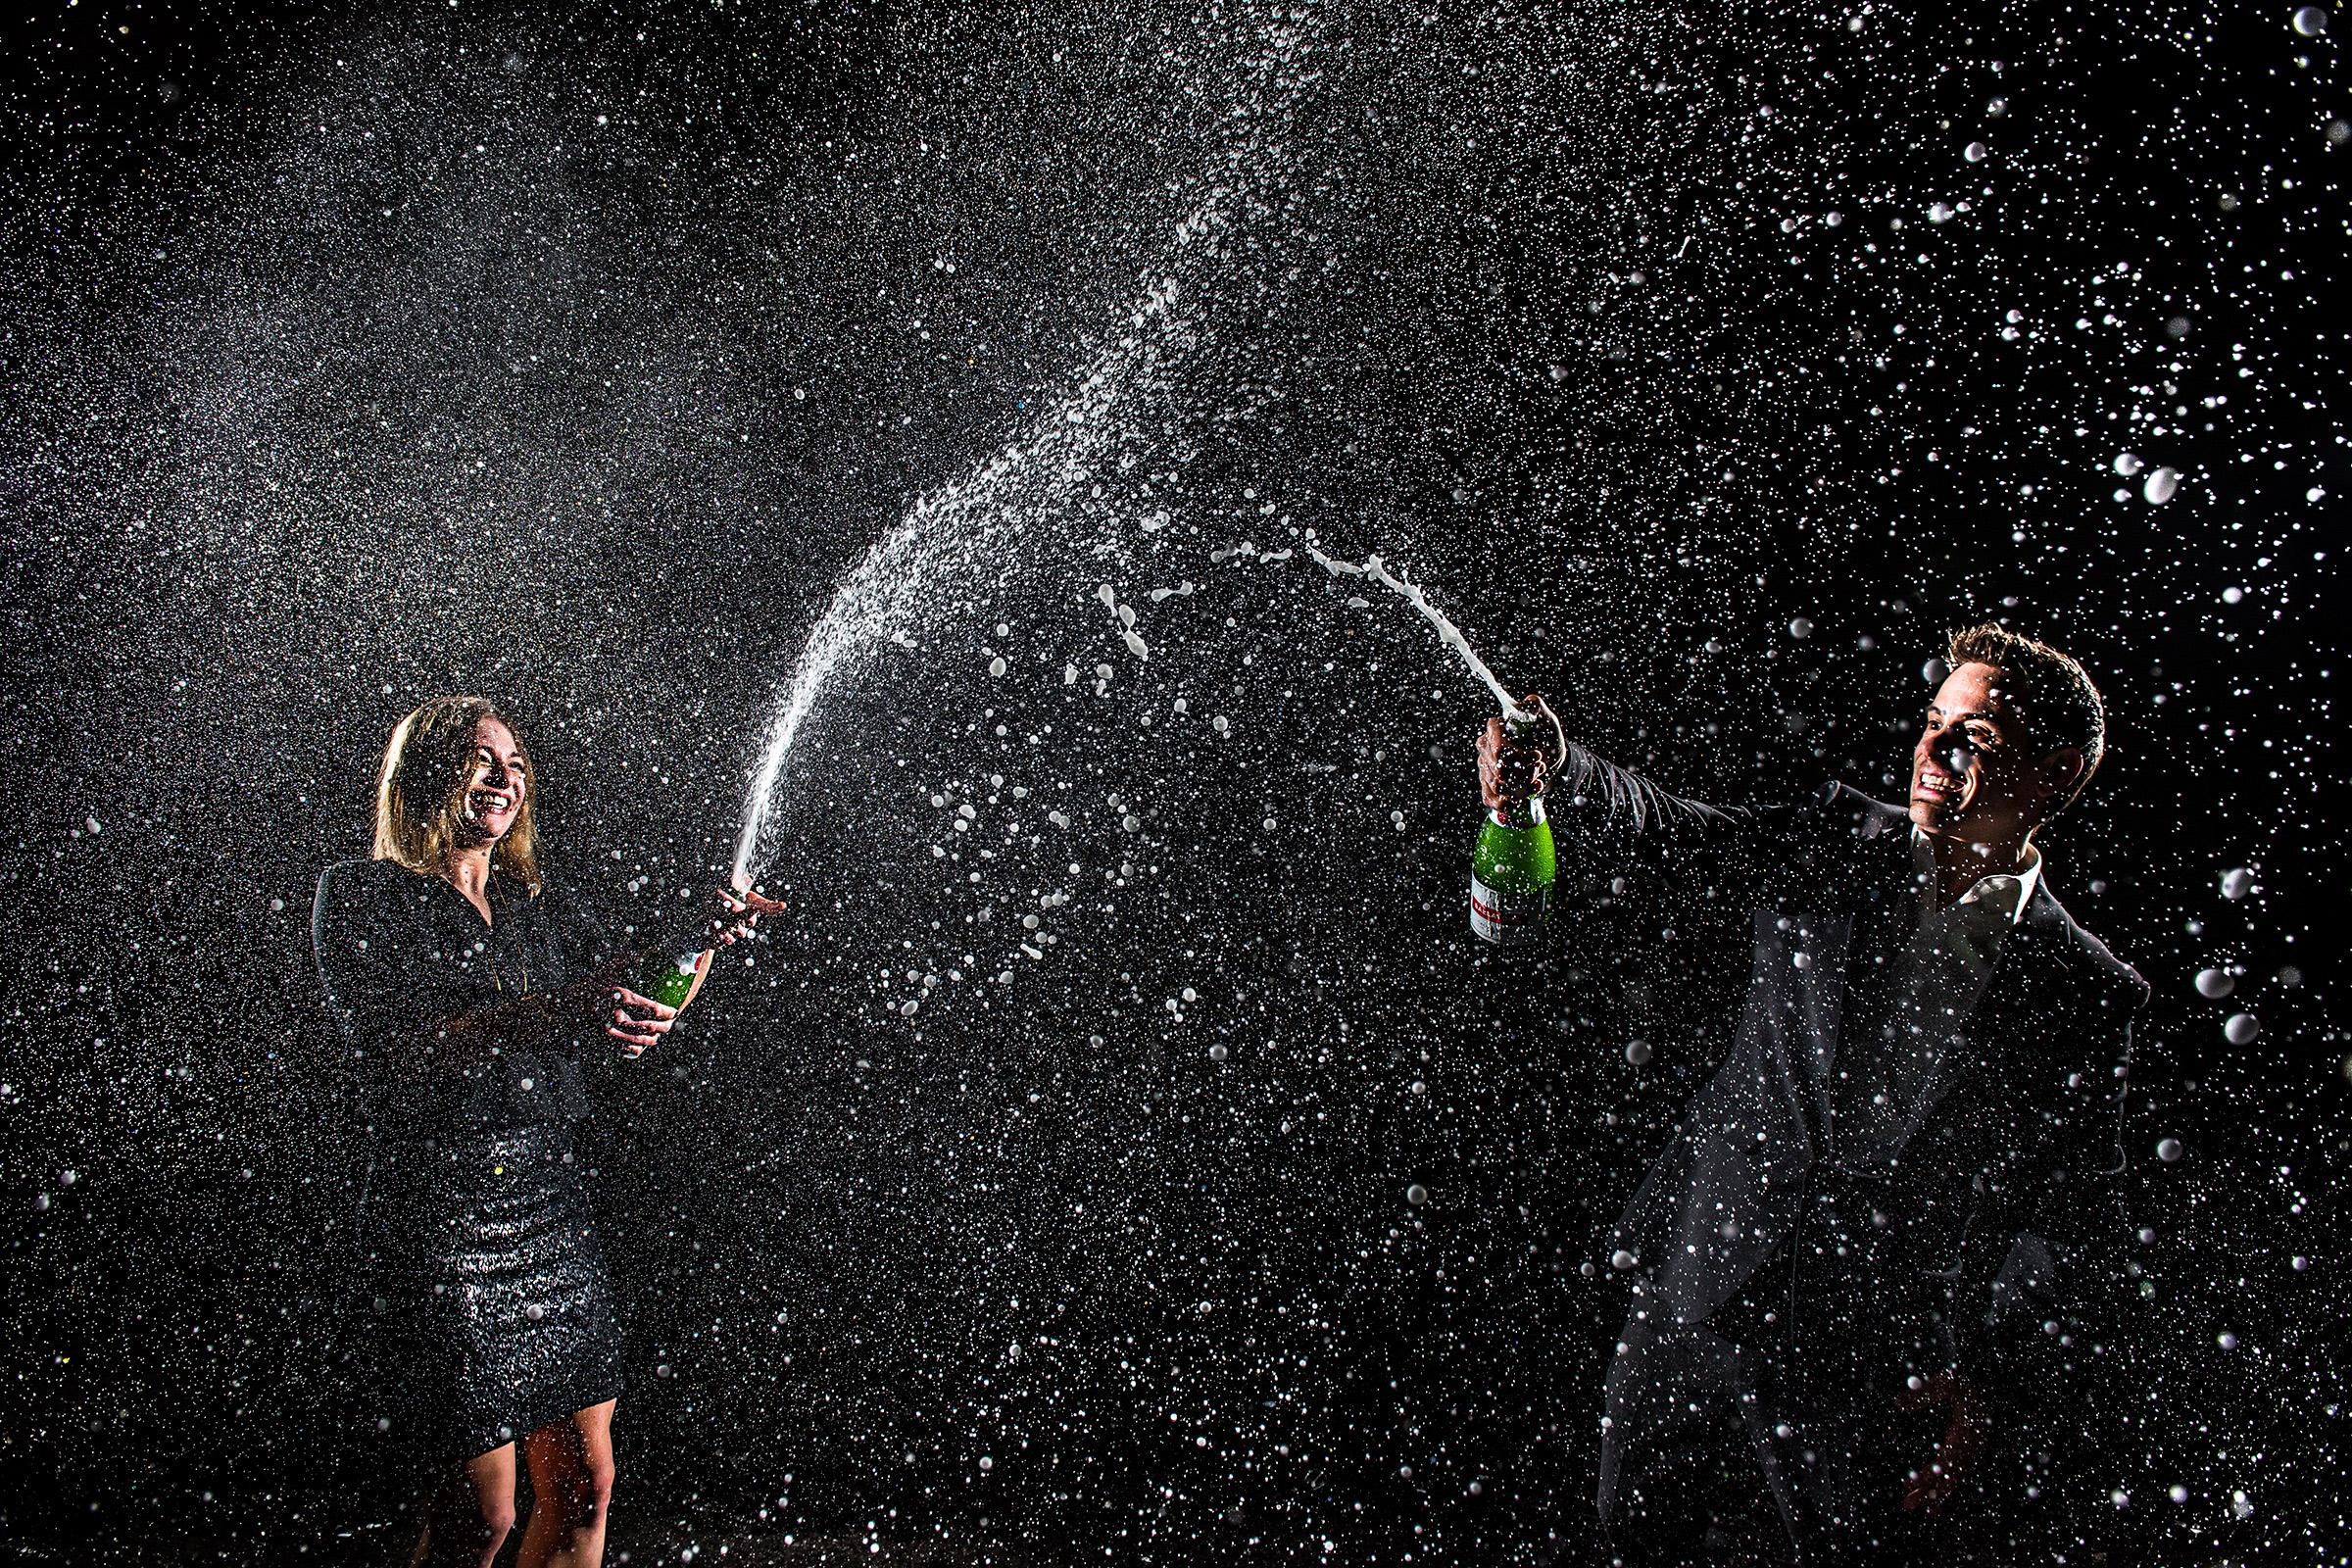 Couple spraying champagne - photo by J. La Plante Photo